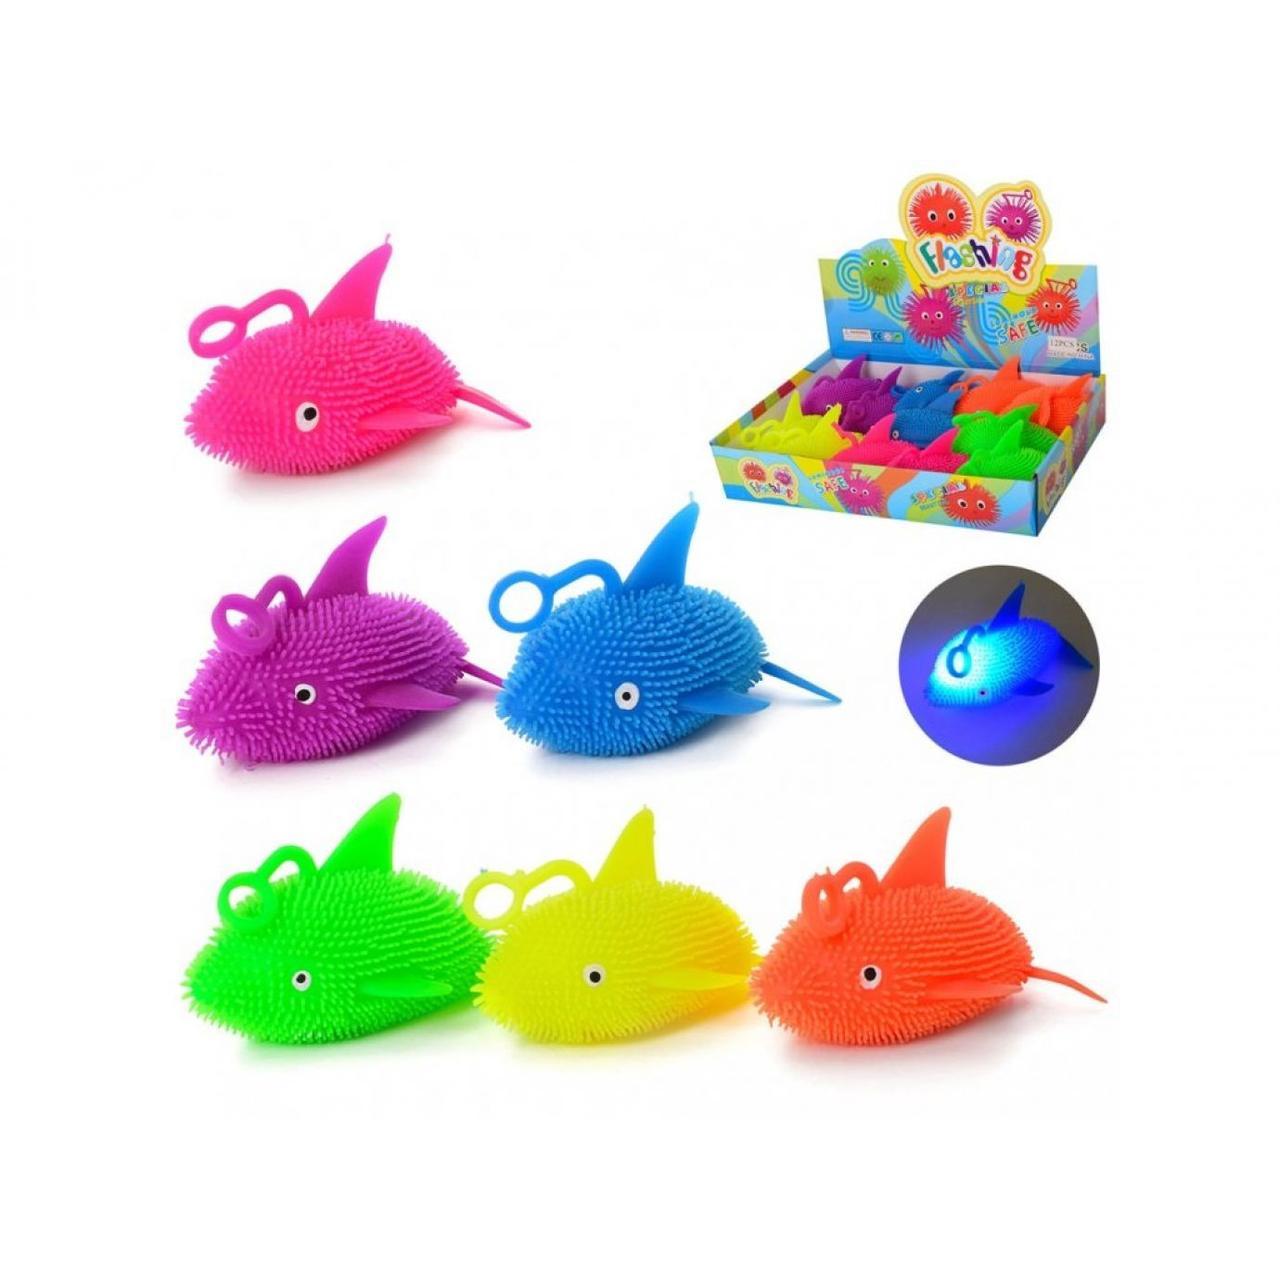 Іграшка-антистрес Йо-їжачок Акула, 13 см, світиться, MS2258-11